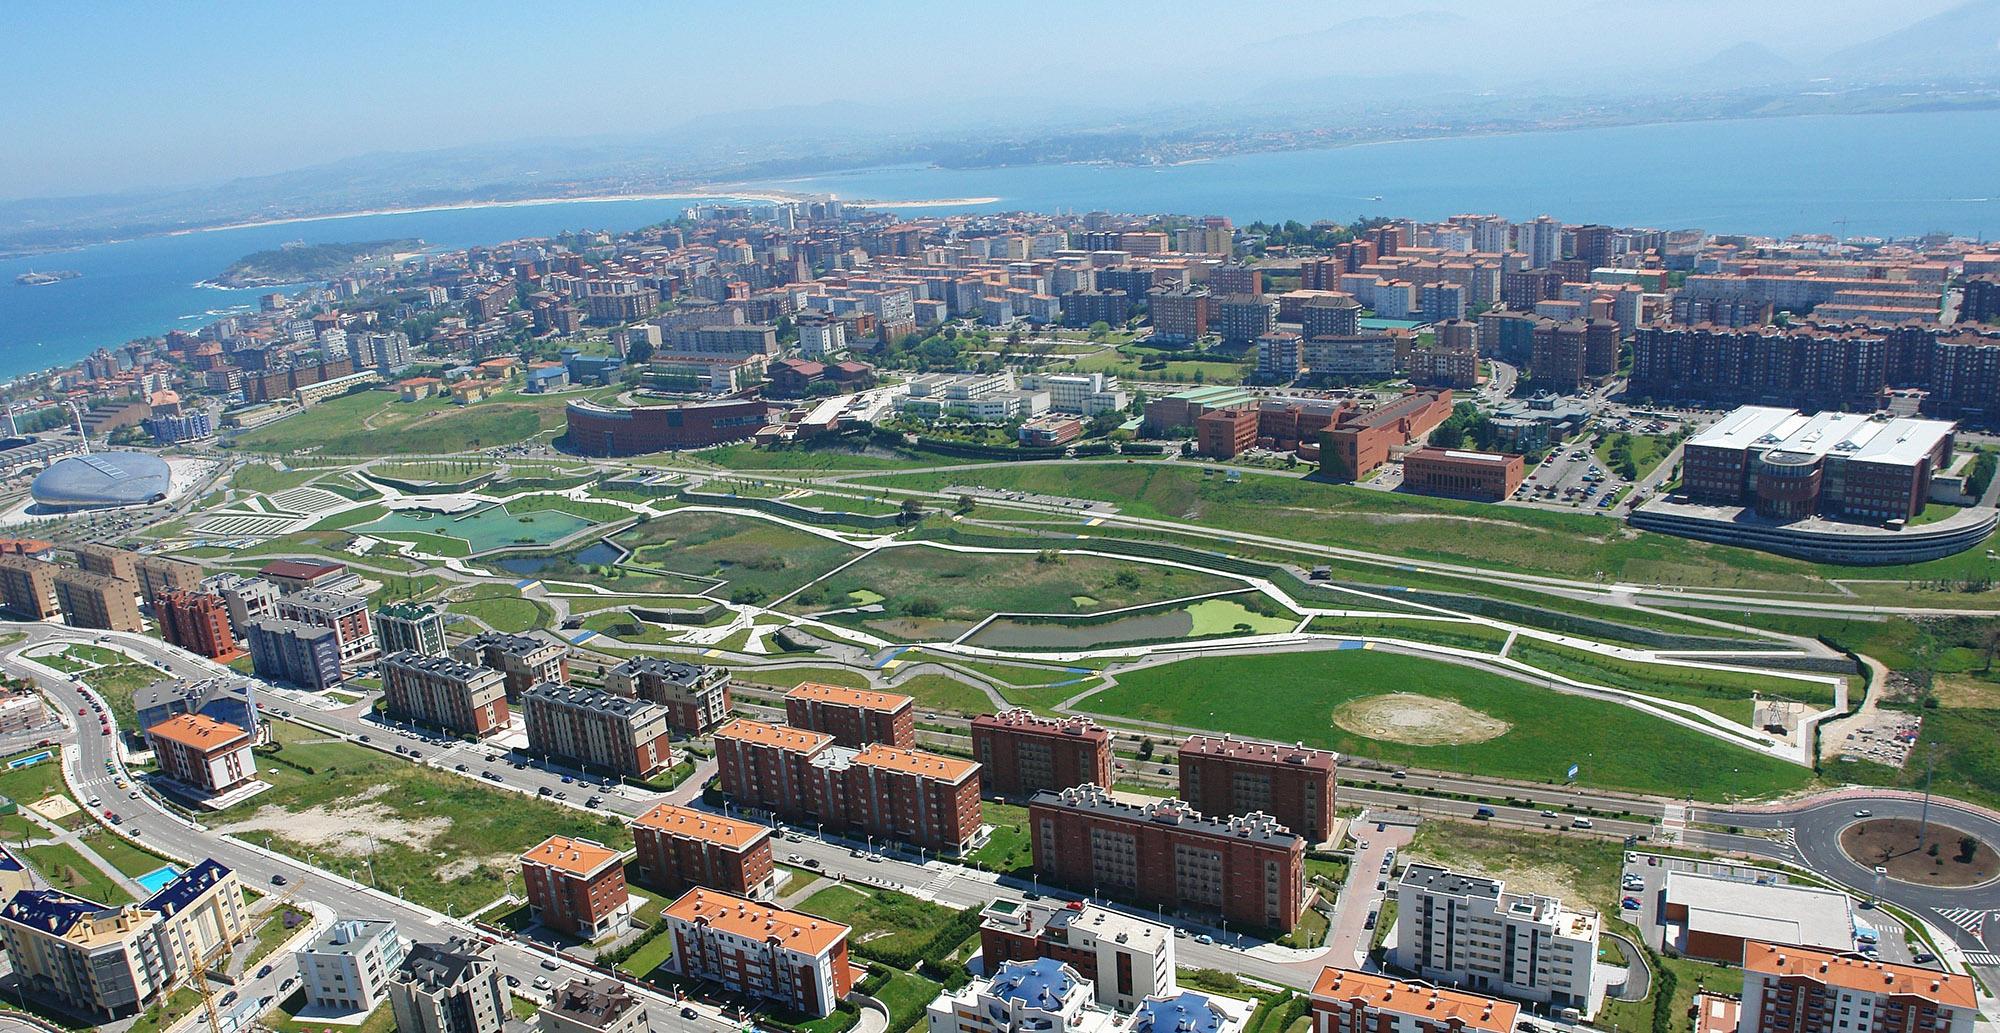 Santander_03_Campus de la Universidad_ok